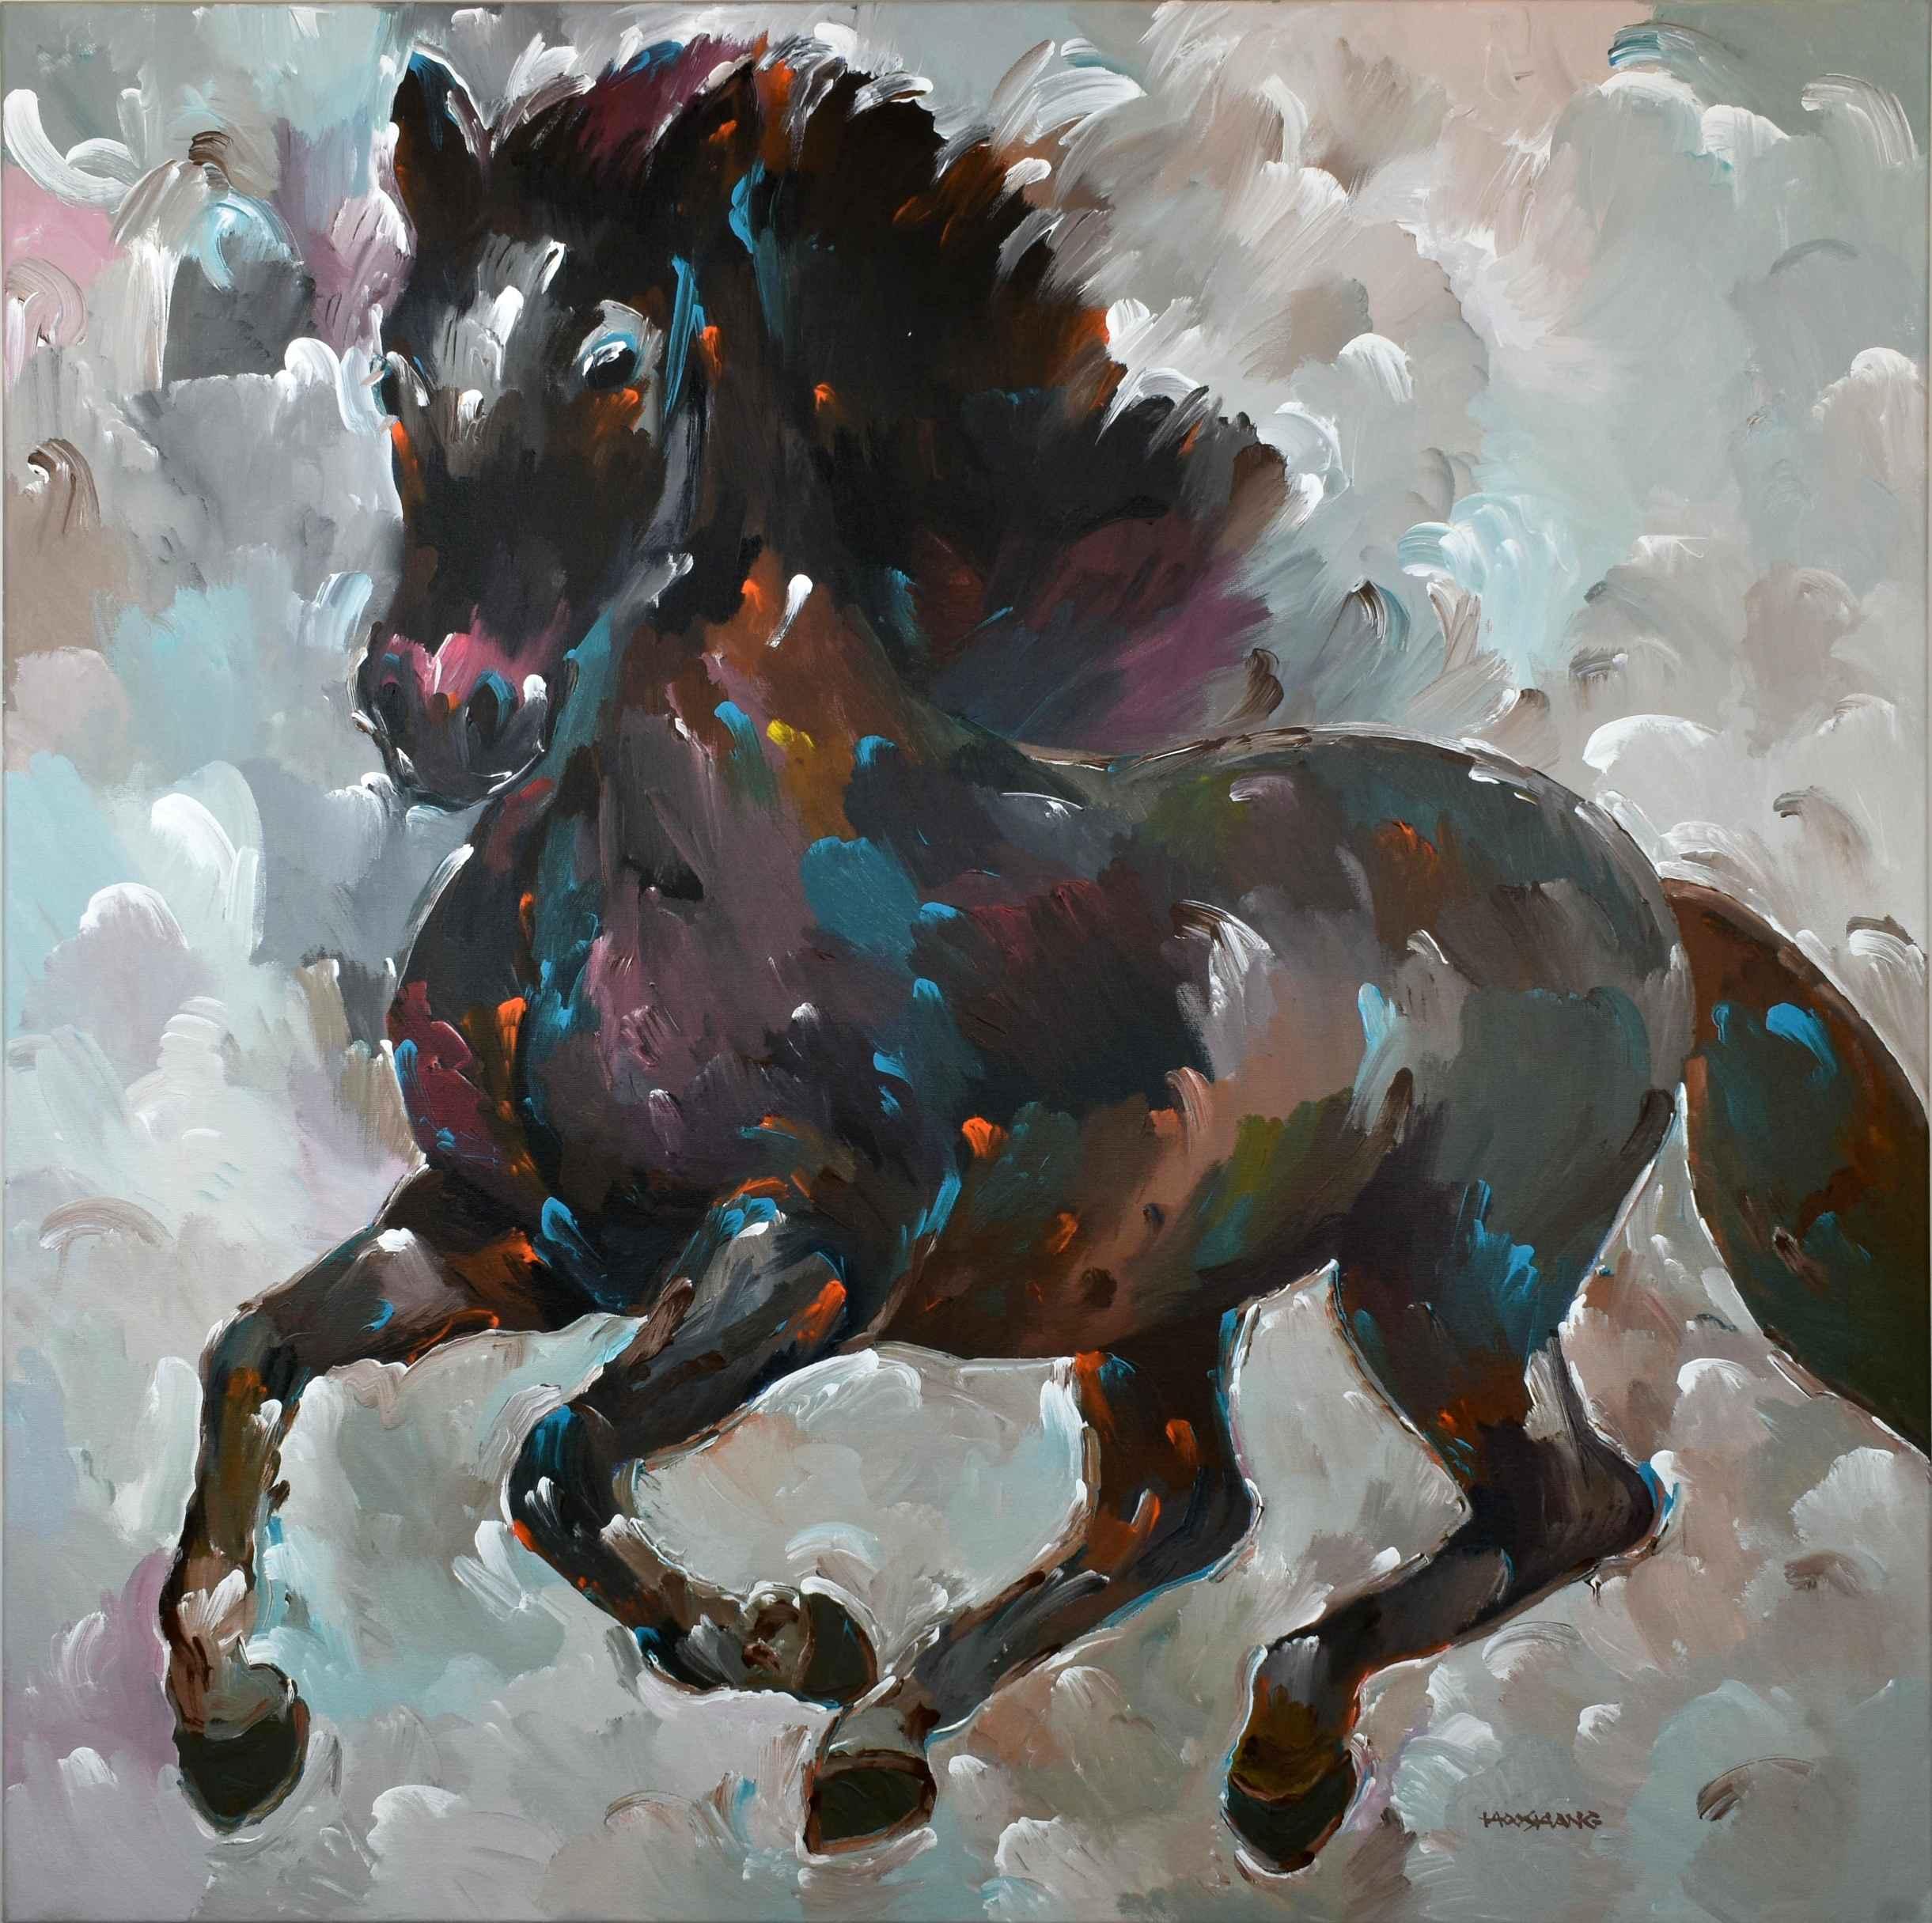 Black Thunder by  Hooshang Khorasani - Masterpiece Online